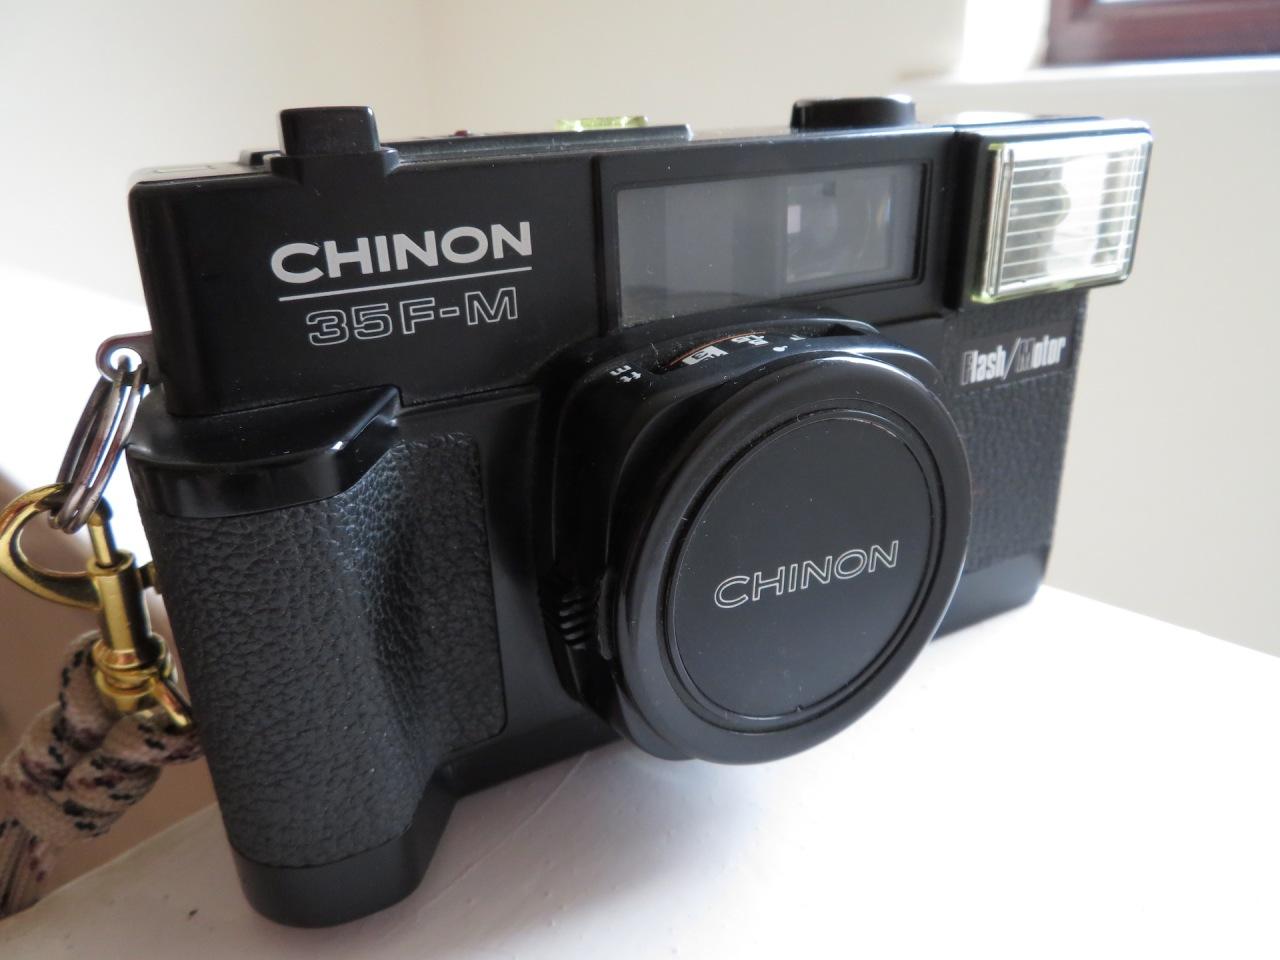 Chinon 35 F-M